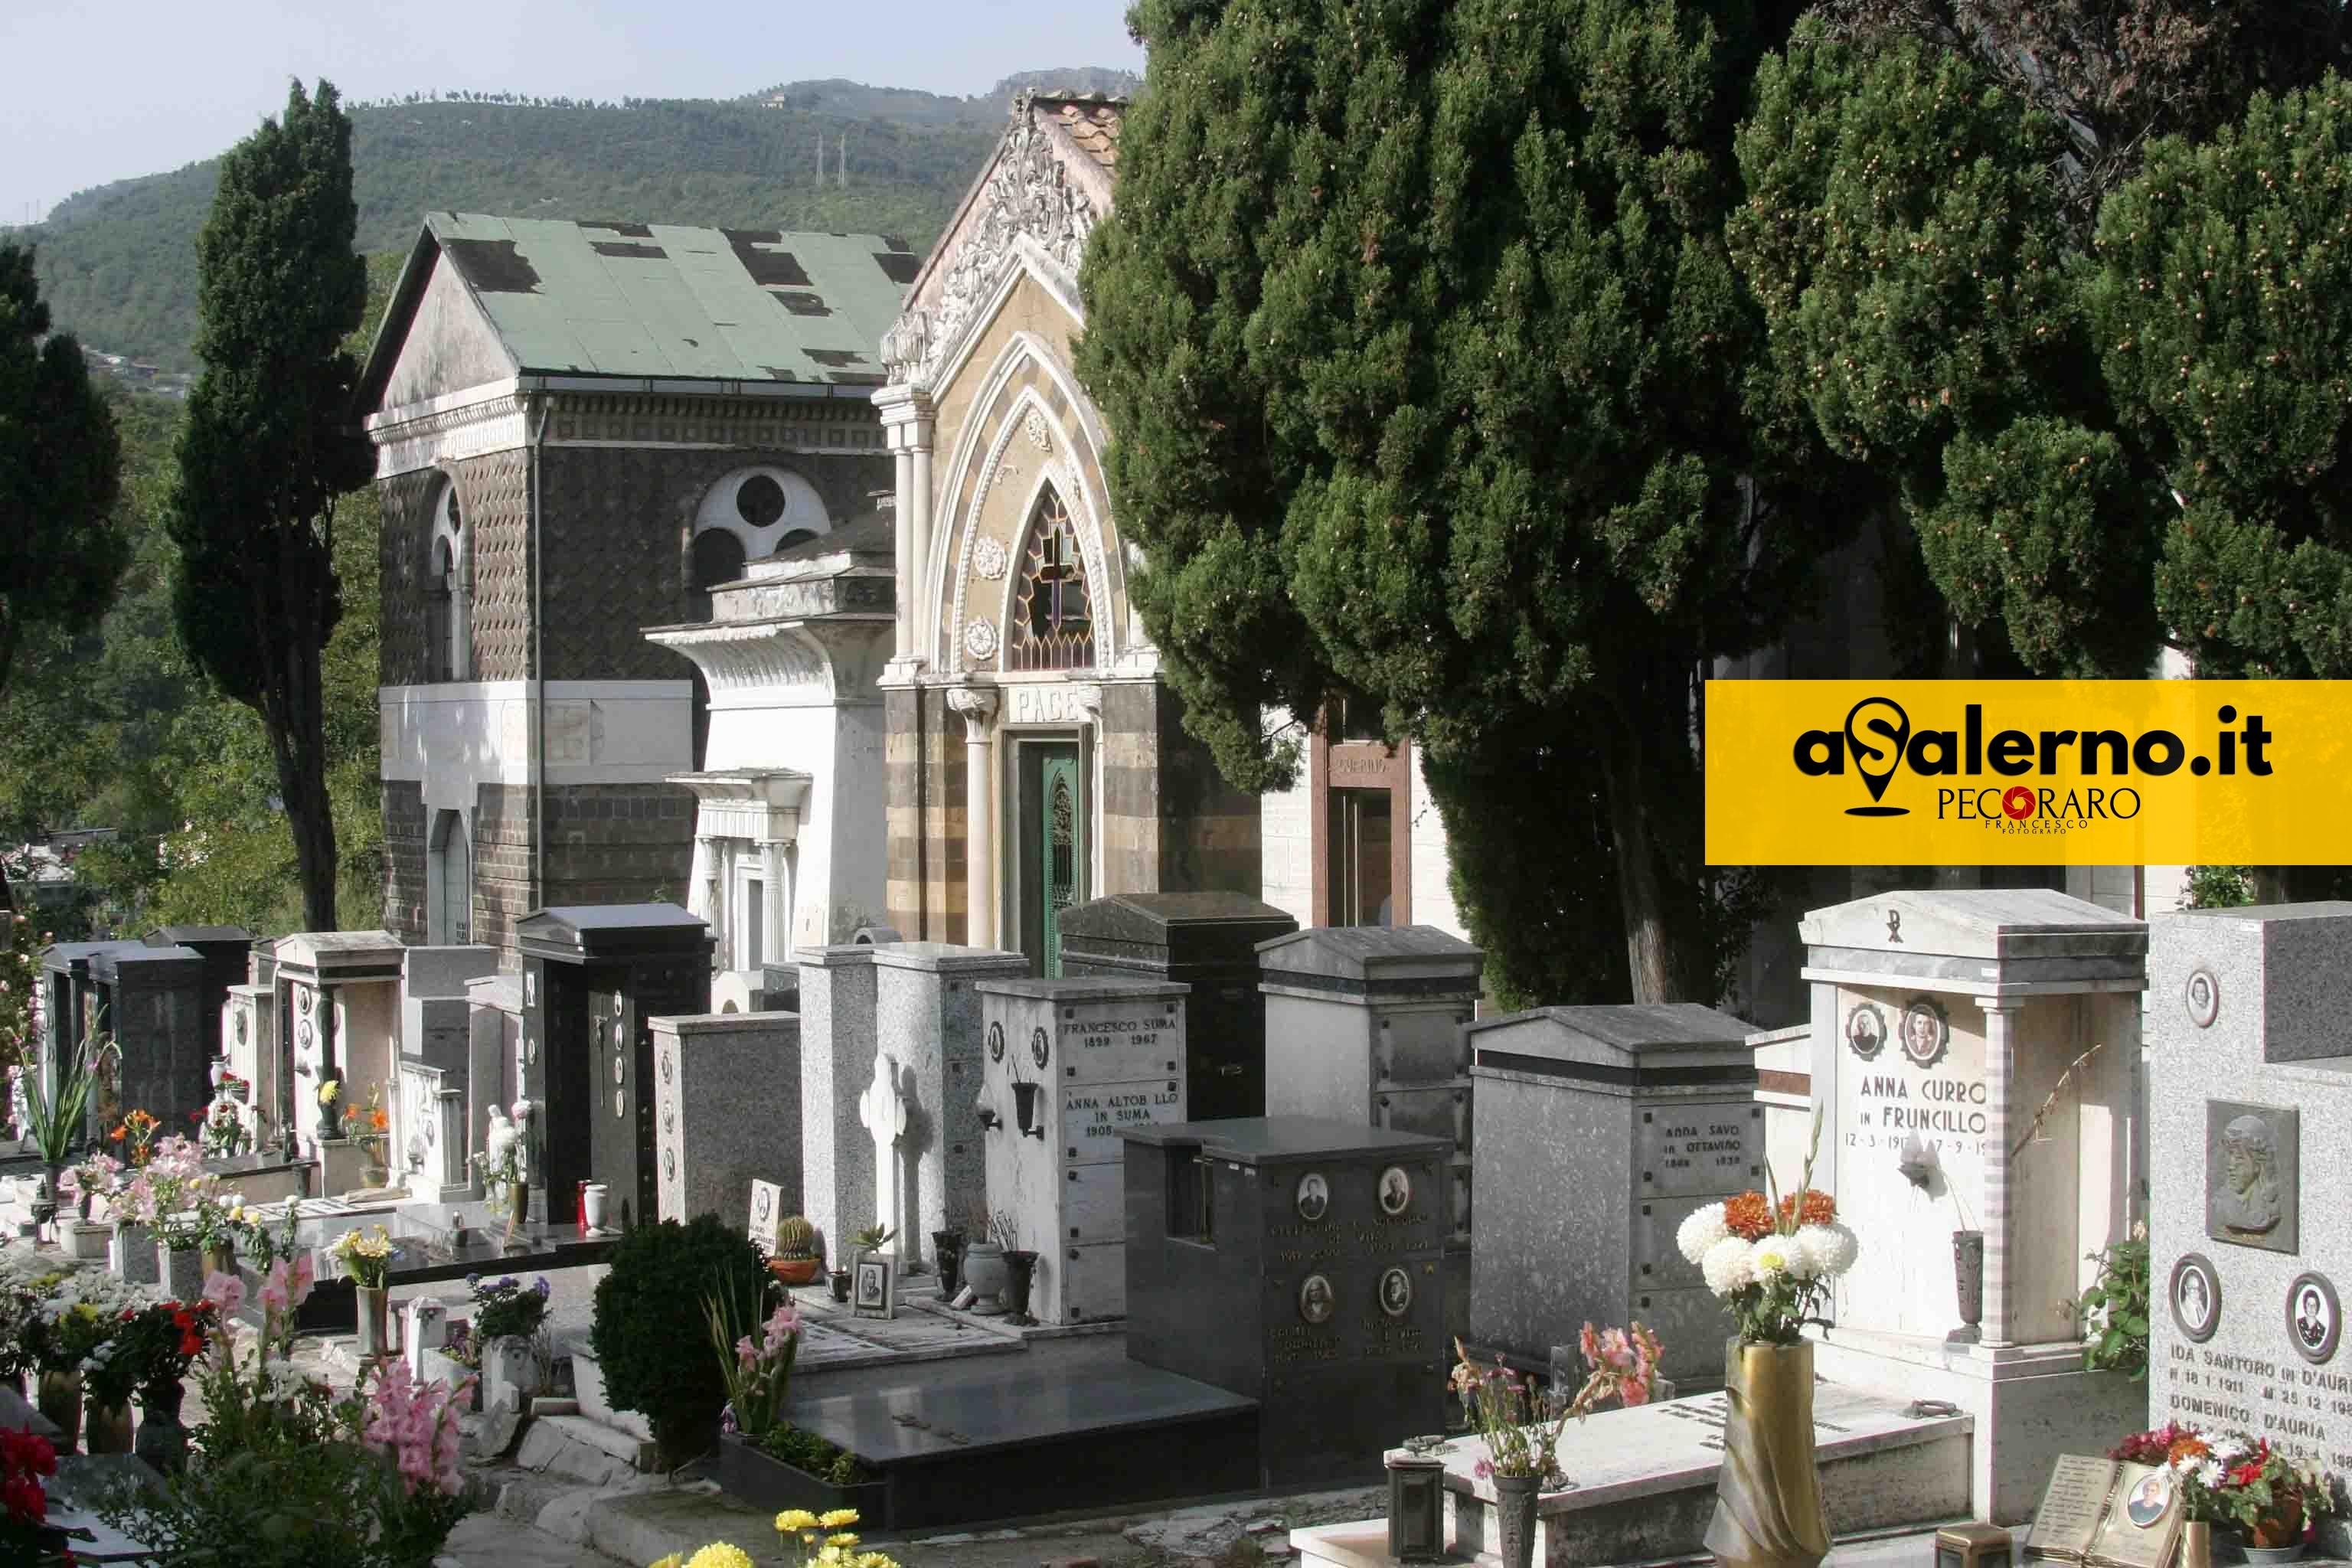 sal - cimitero salerno